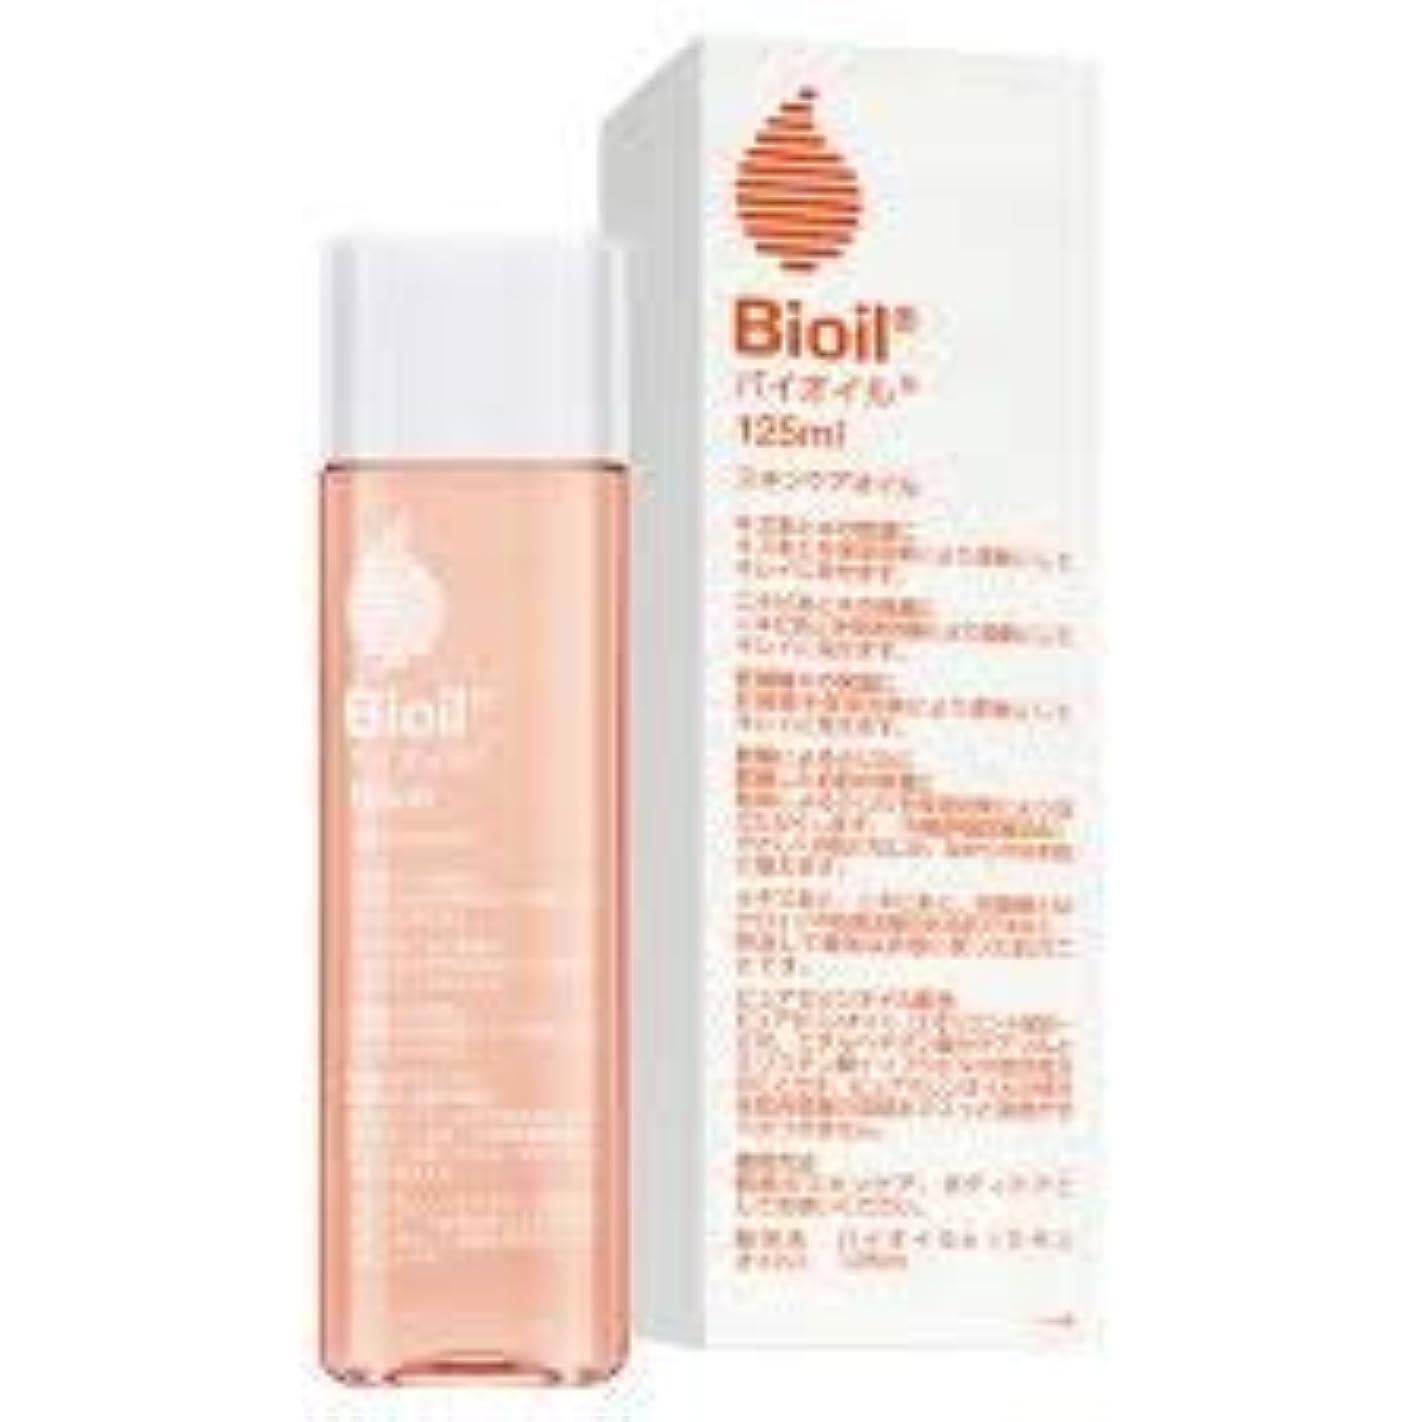 振幅刃協会バイオイル Bioil 125ml (小林製薬)